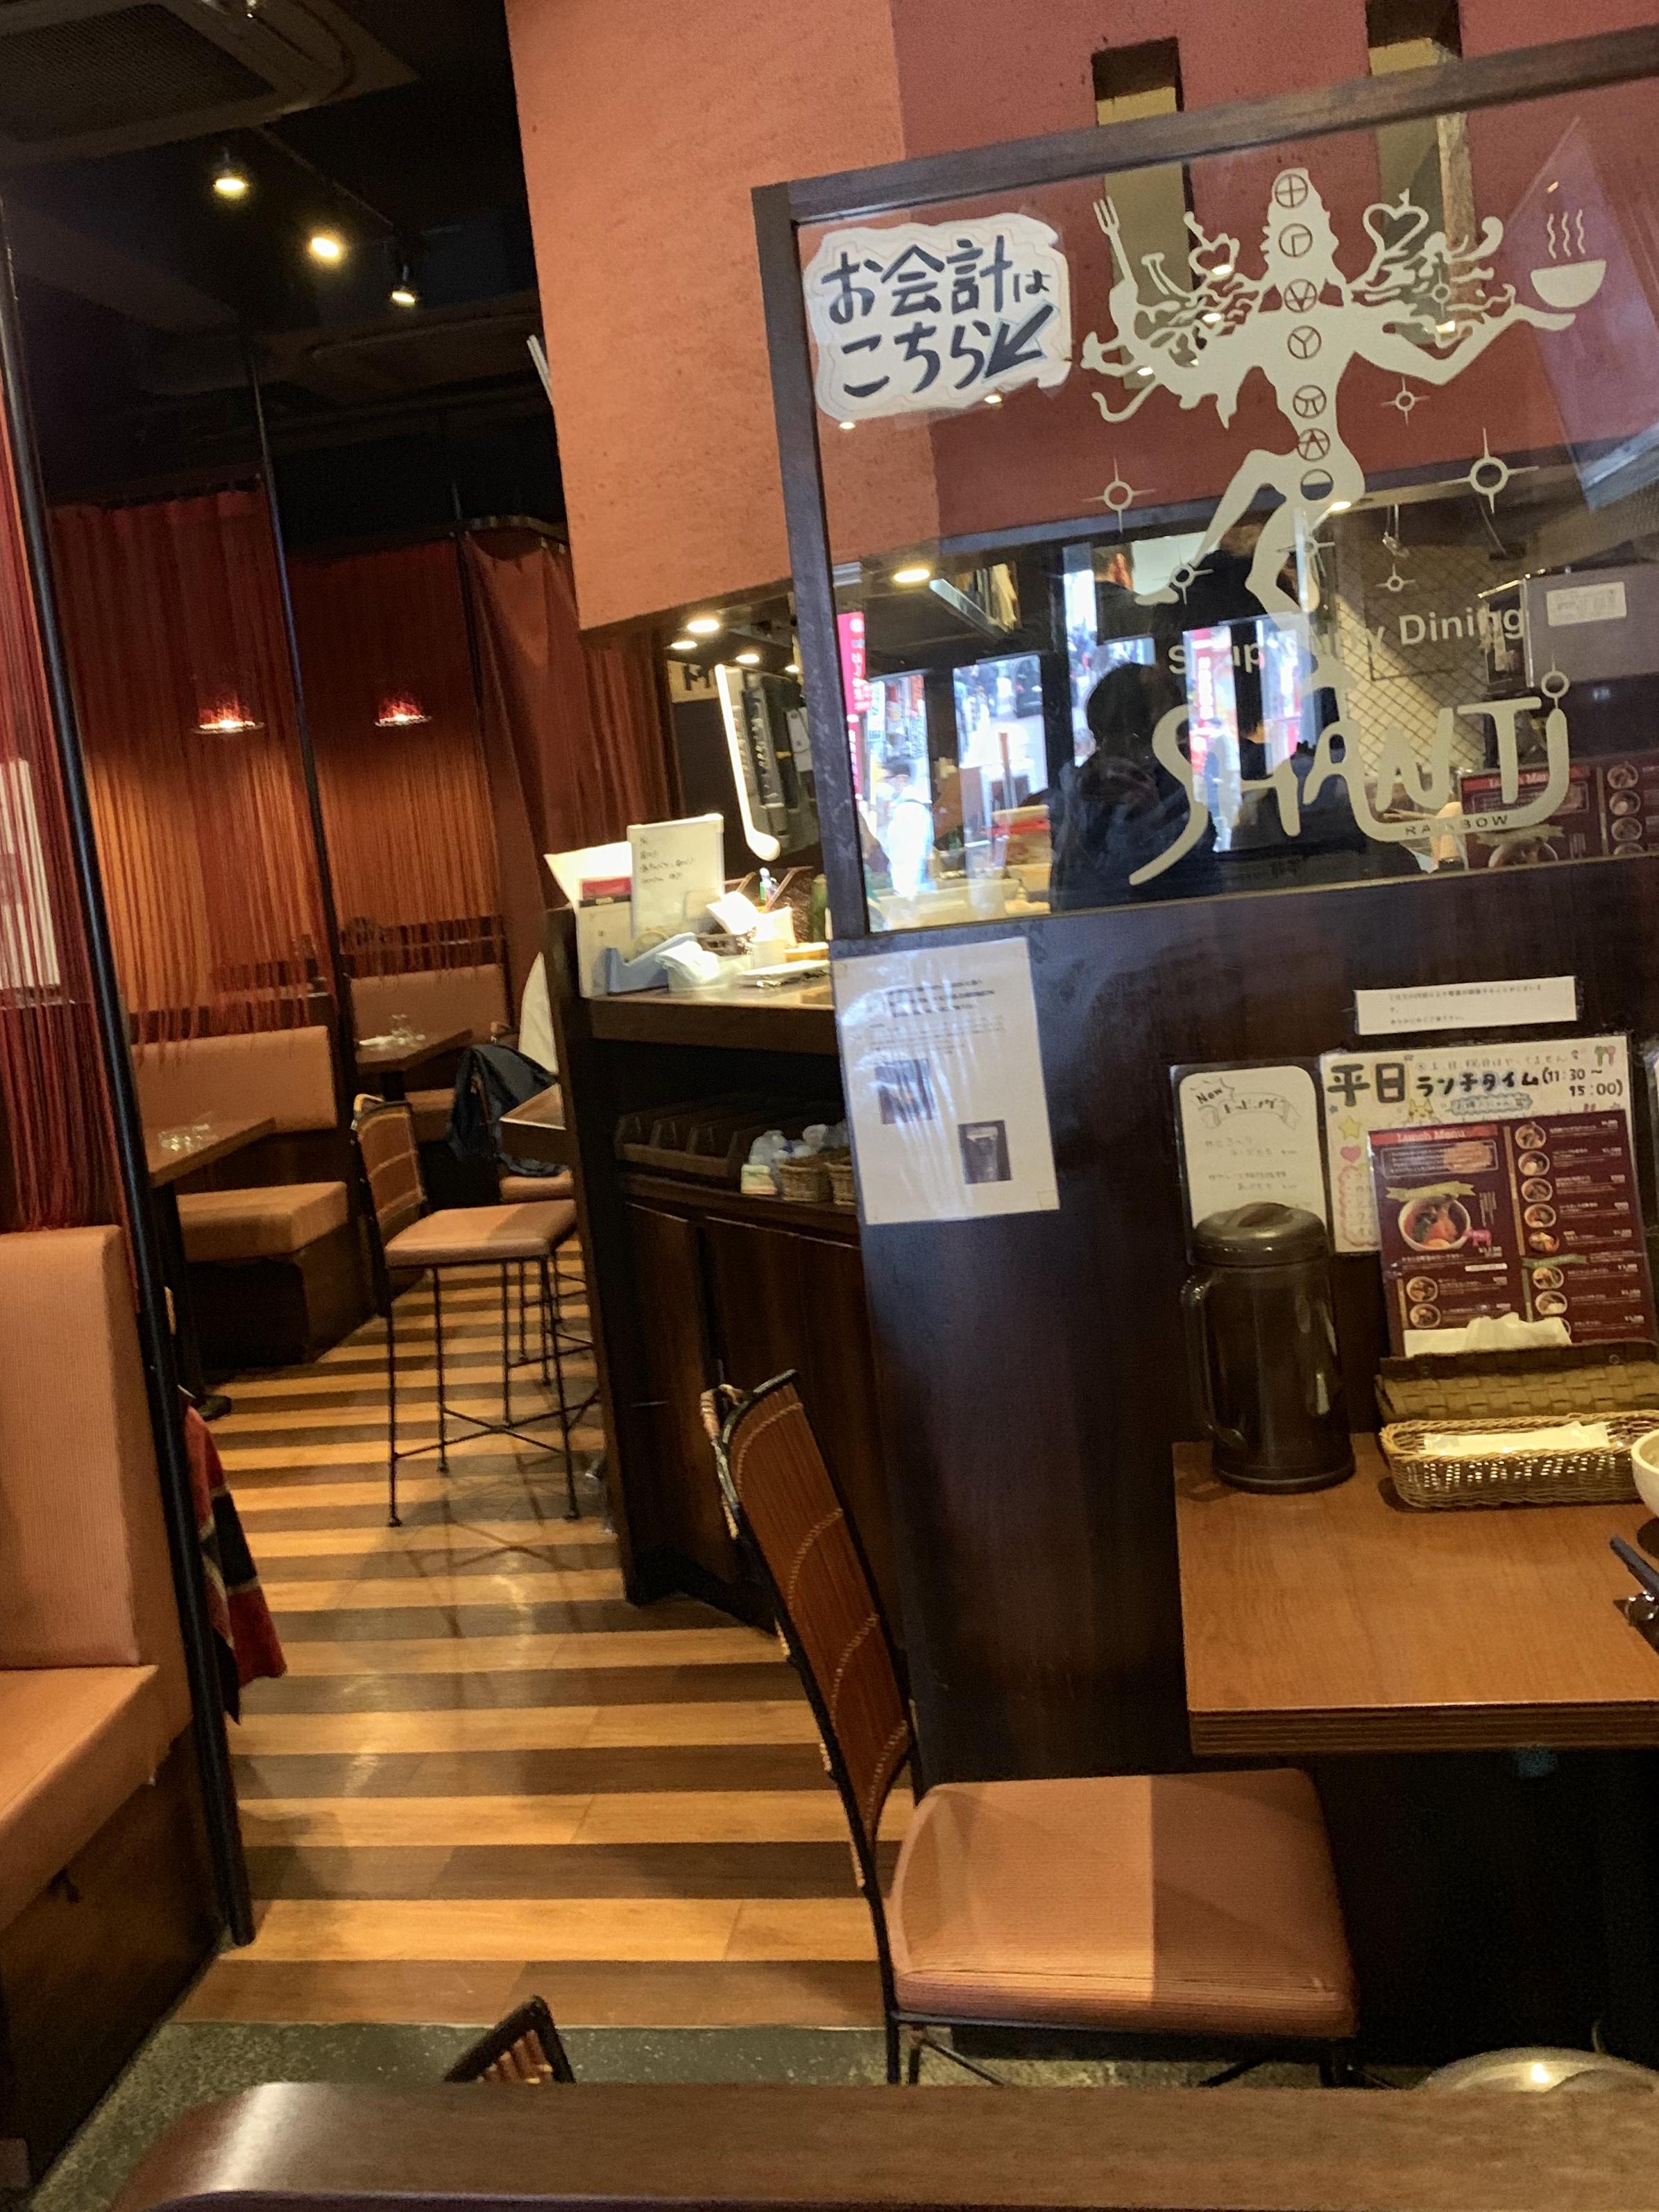 シャンティ(SHANTi)渋谷店の店内